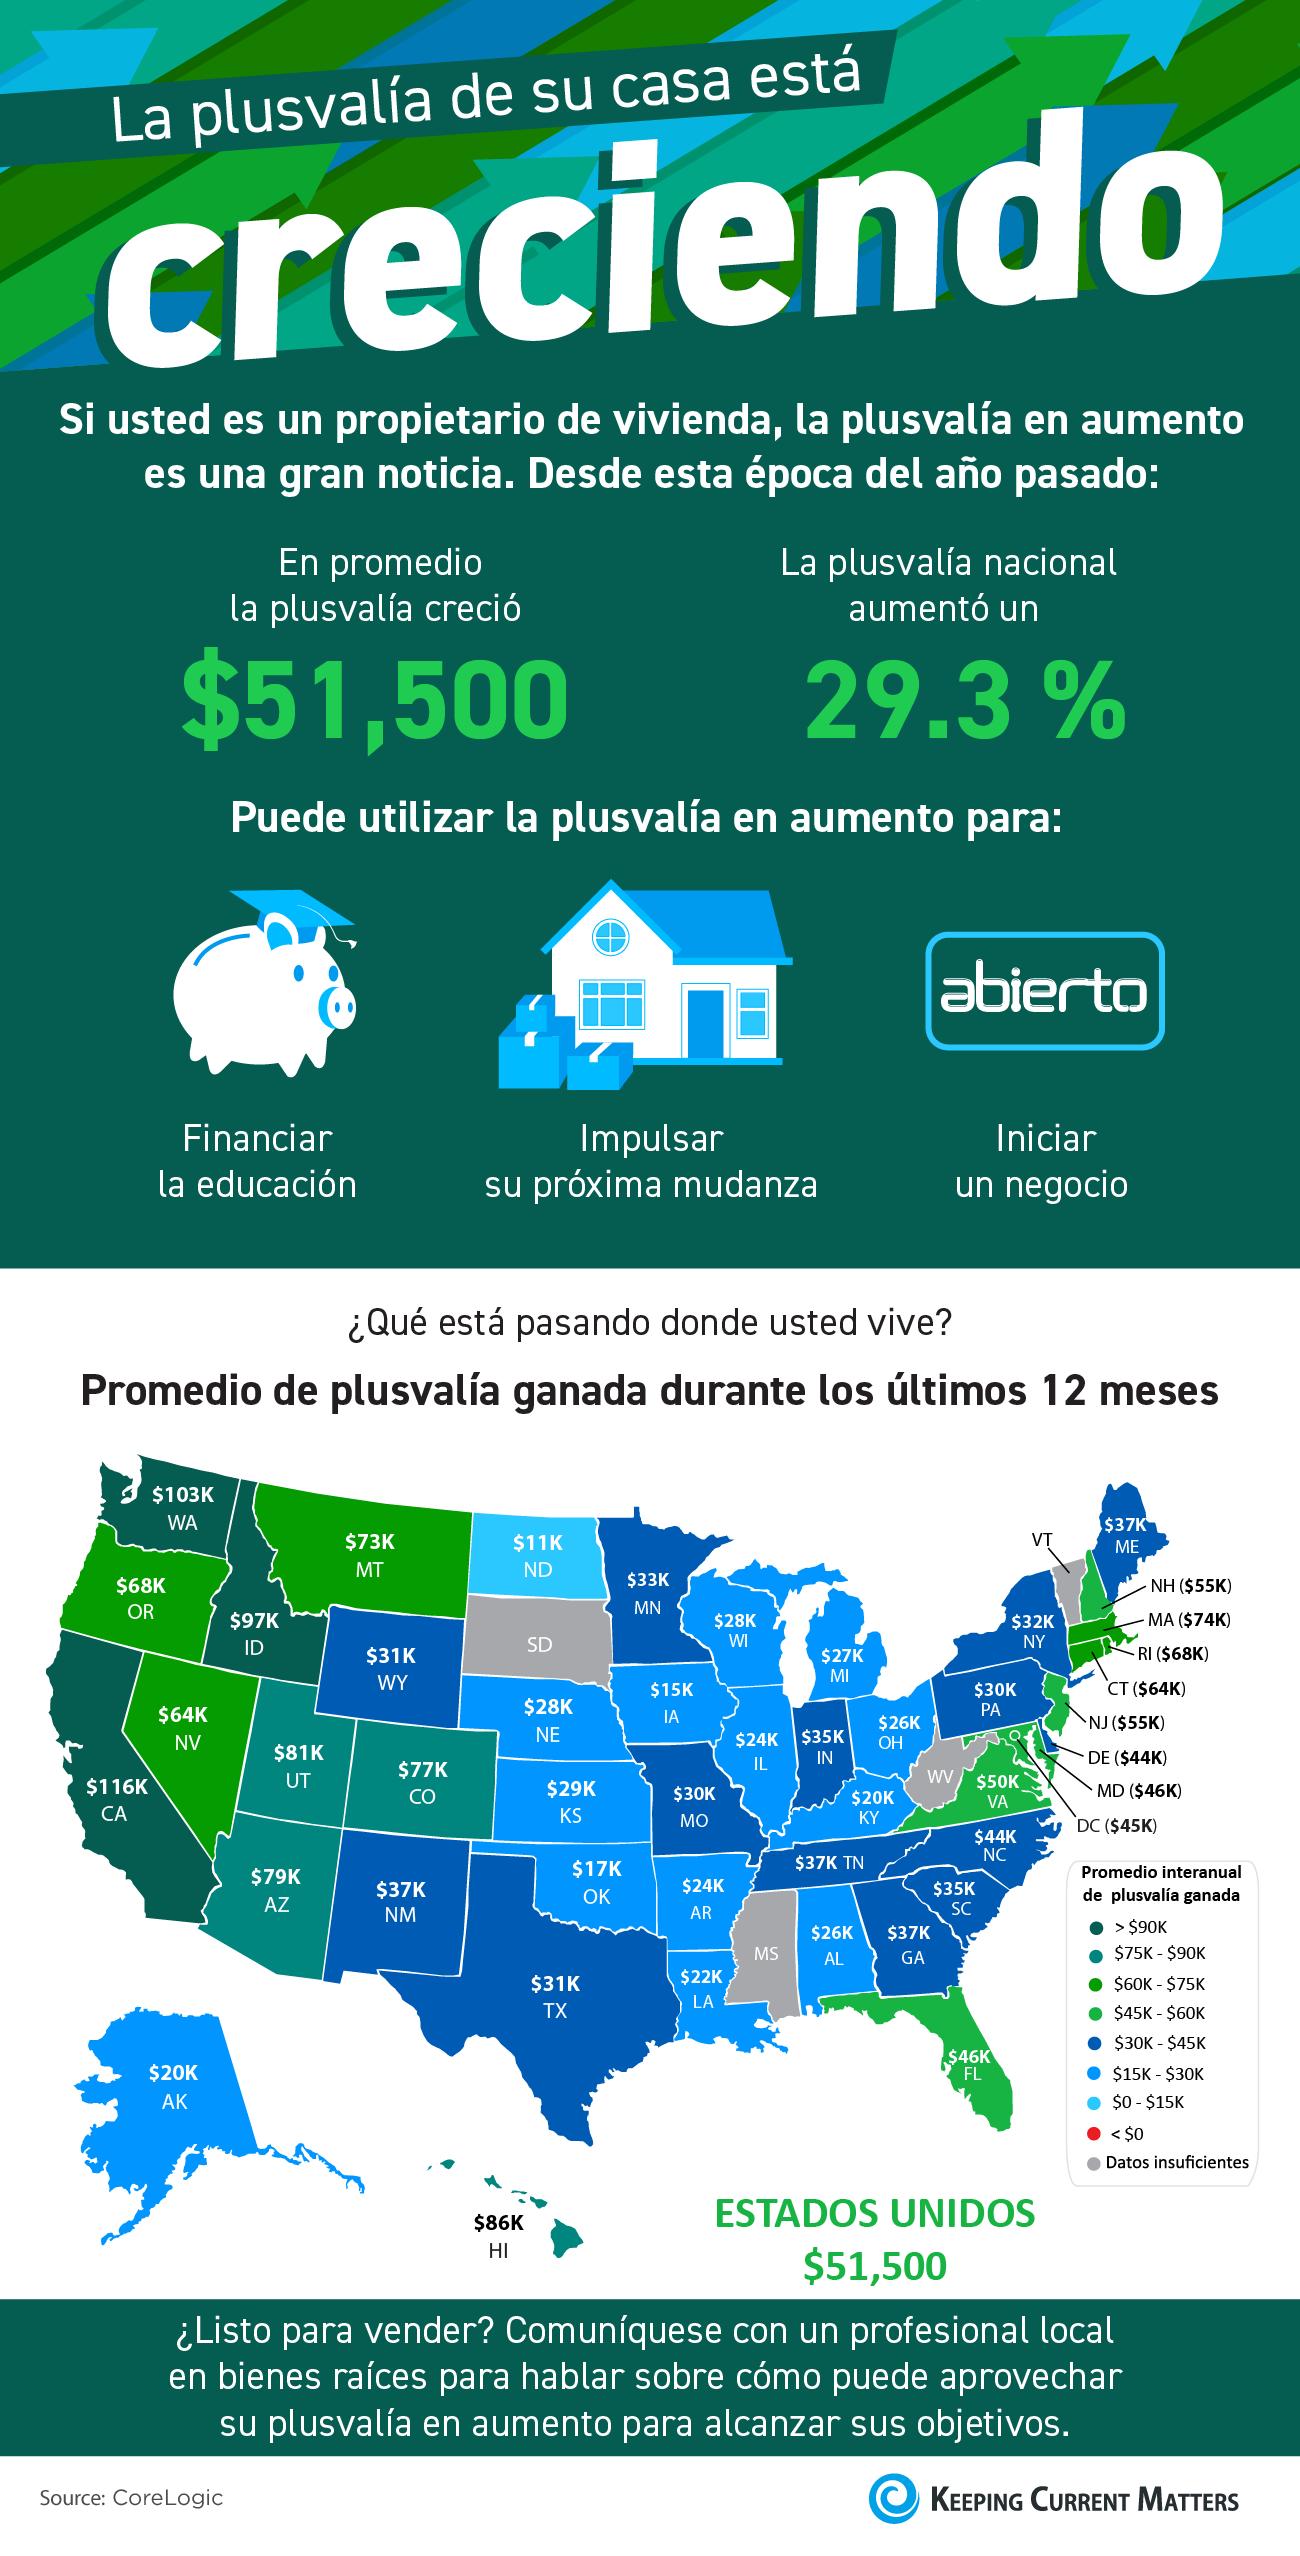 La plusvalía de su casa está creciendo [infografía] | Keeping Current Matters